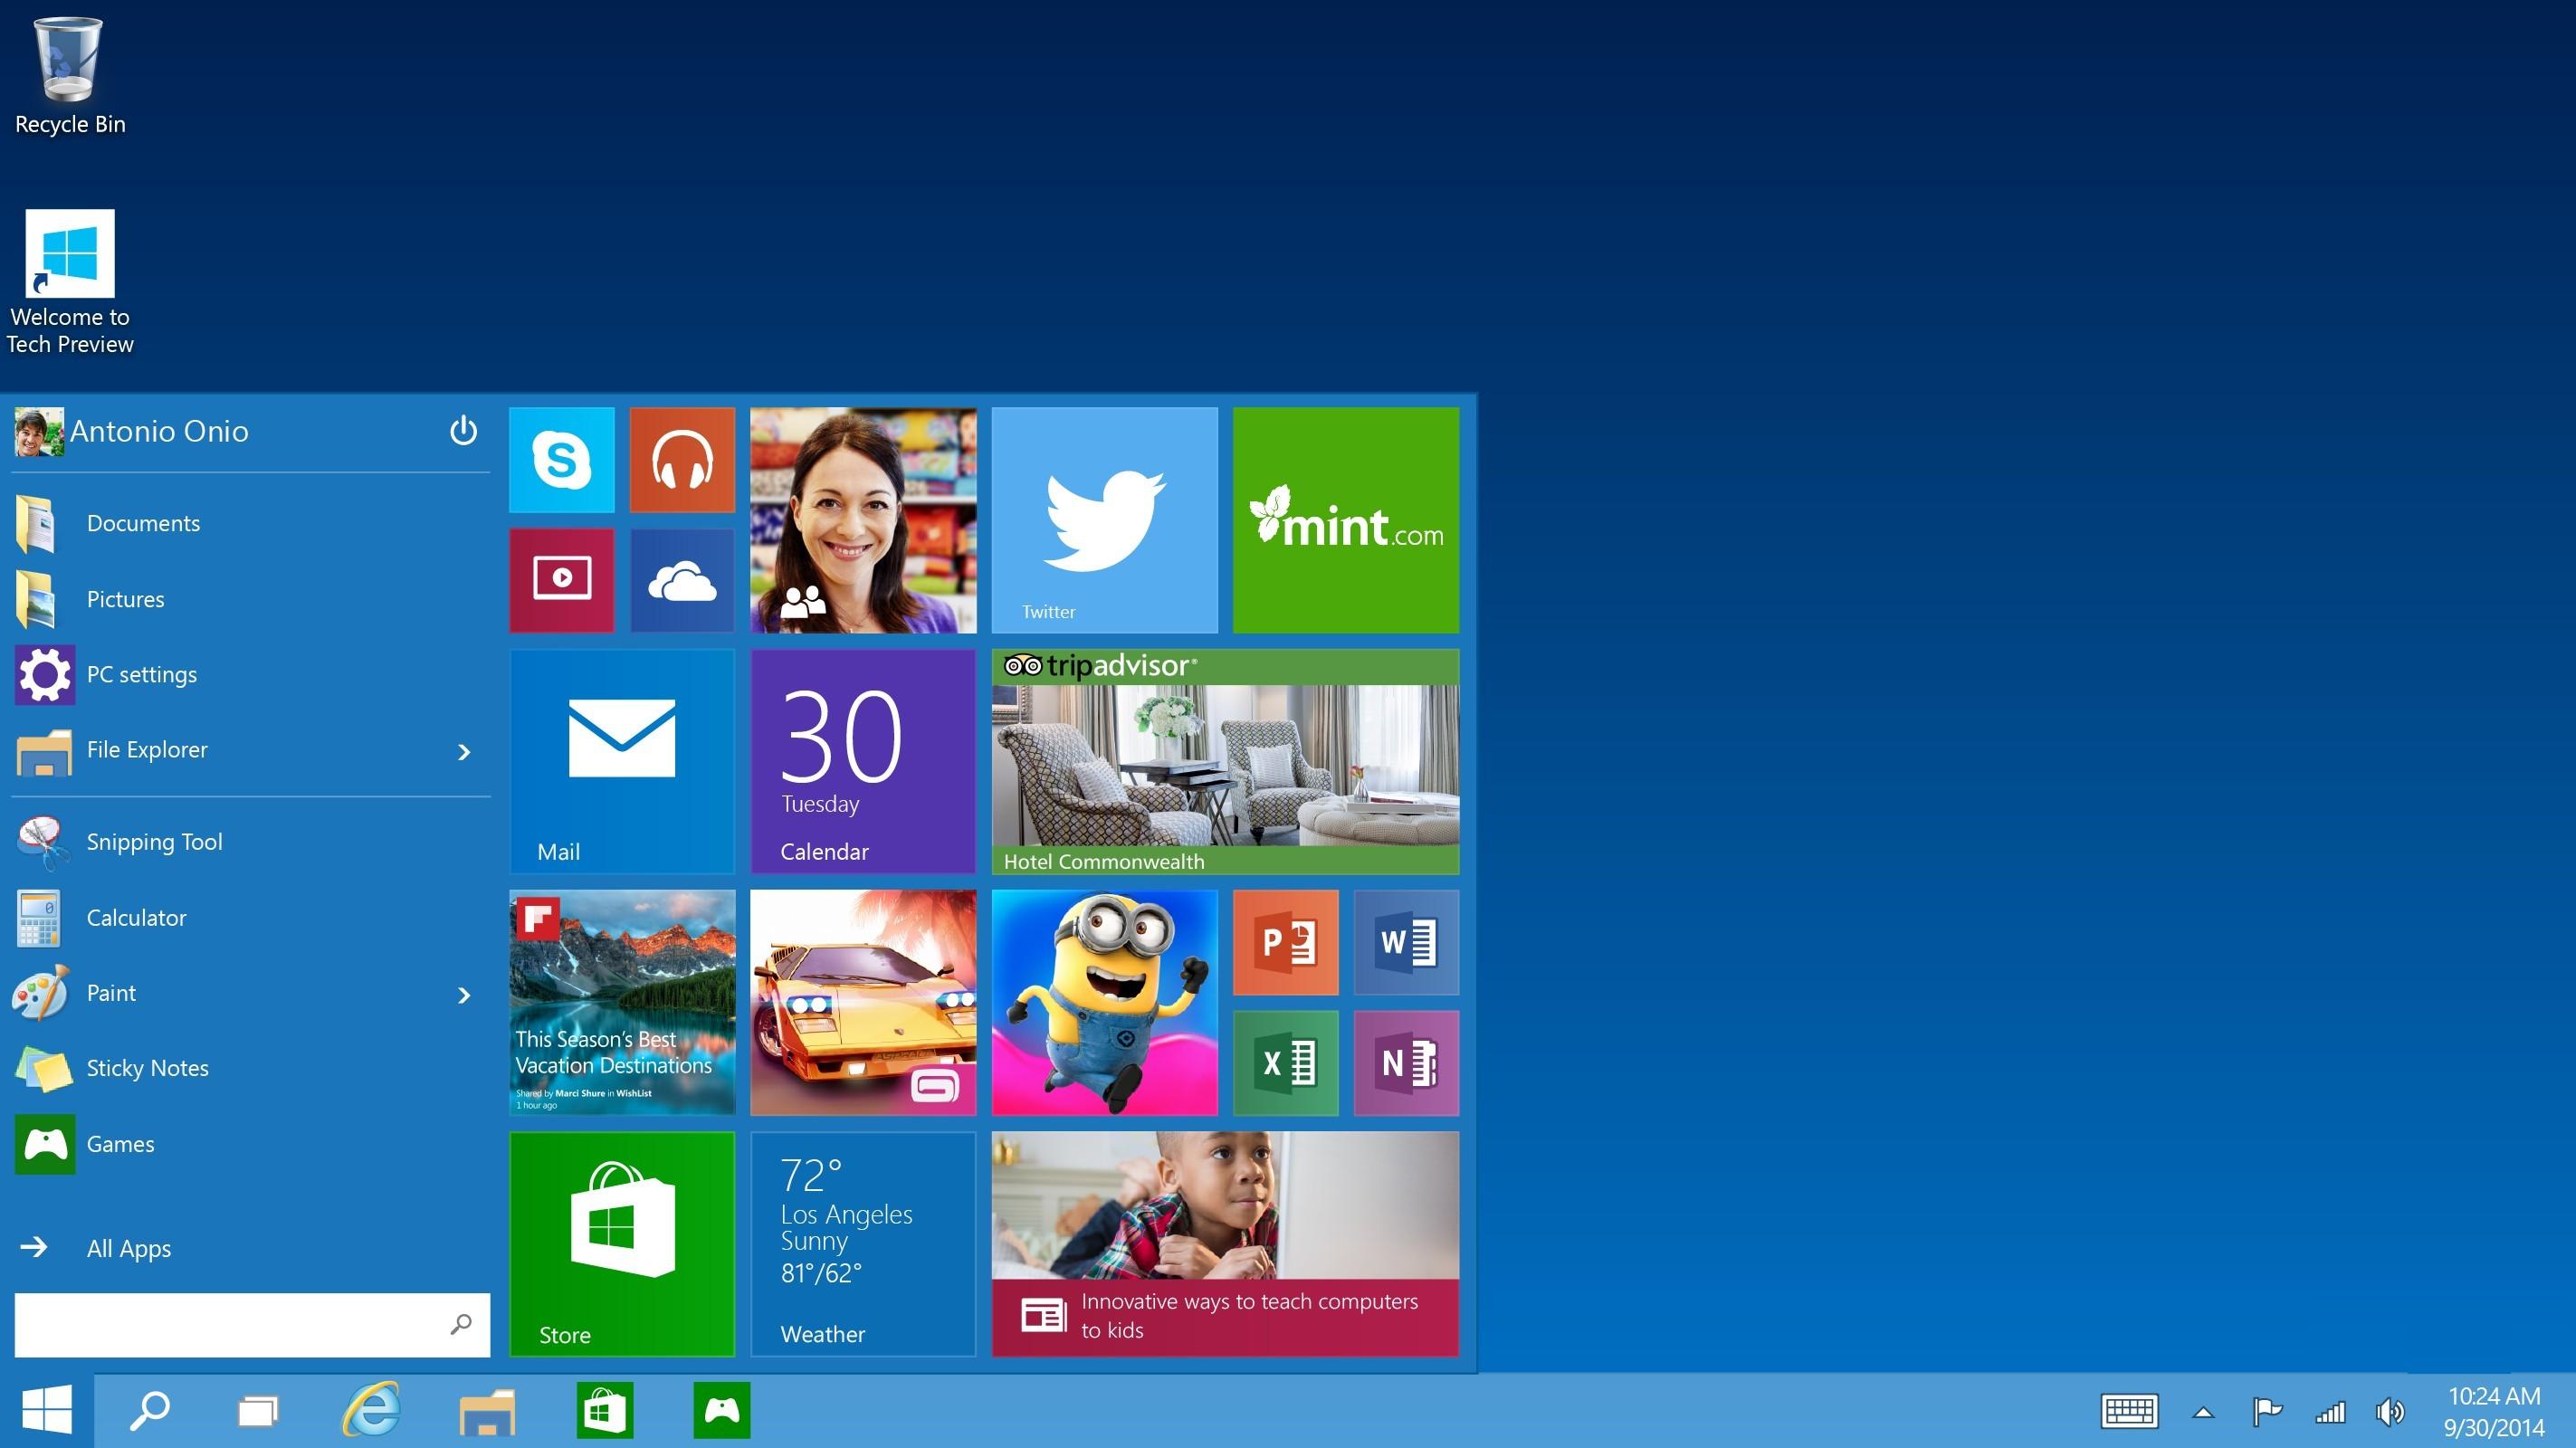 Pri operacijskem sistemu Windows 10 popolne zasebnosti enostavno ni mogoče doseči!